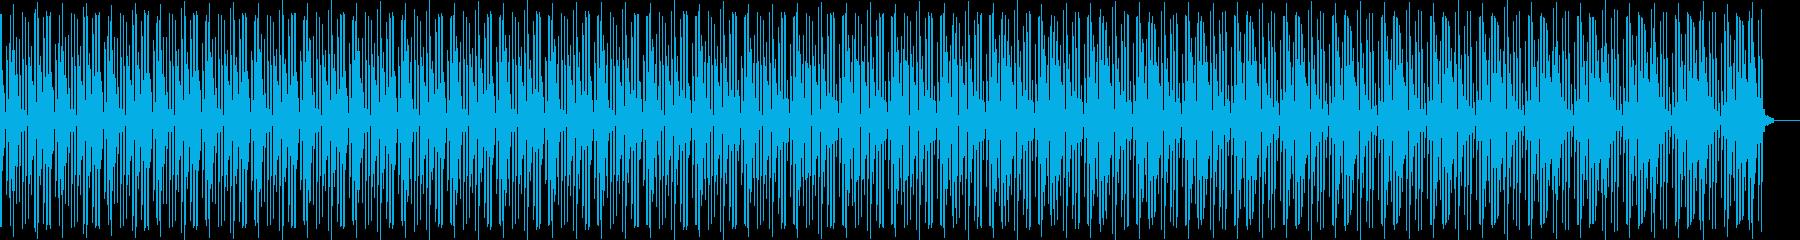 サンバ(電子ドラム)の再生済みの波形